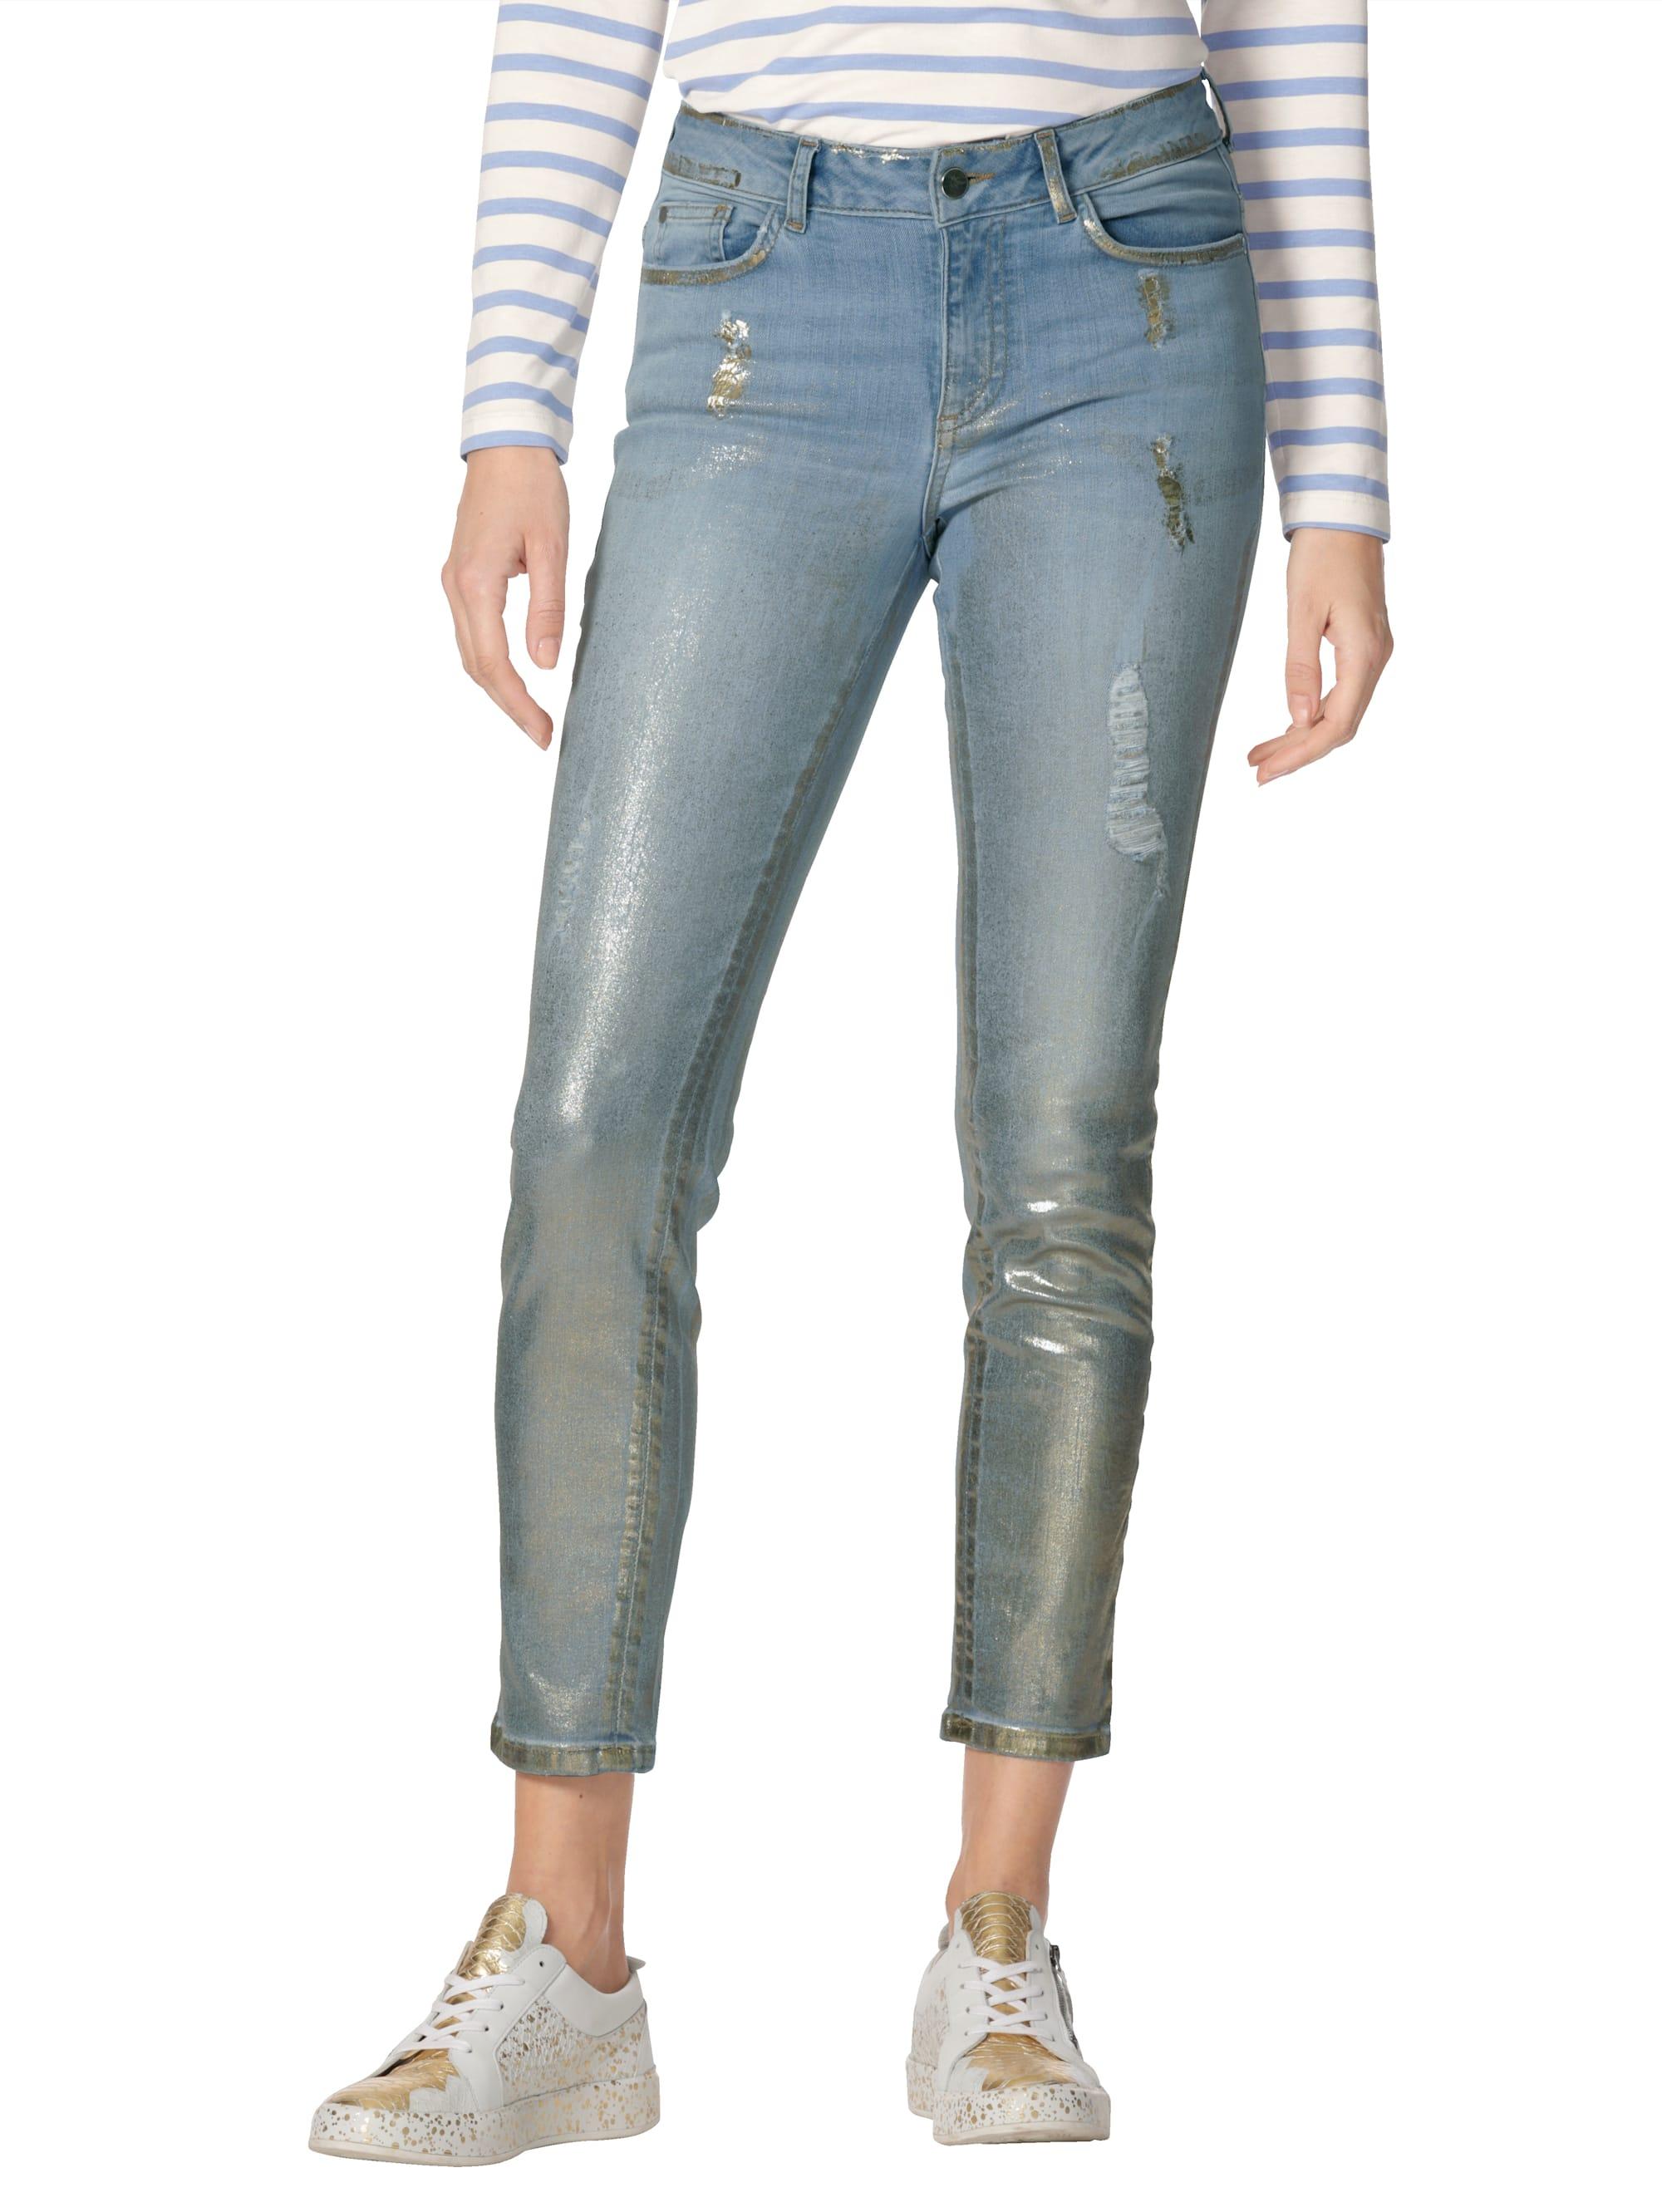 AMY VERMONT Jeans mit Foliendruck und Destroyed-Effekt GQB2y yFy8D